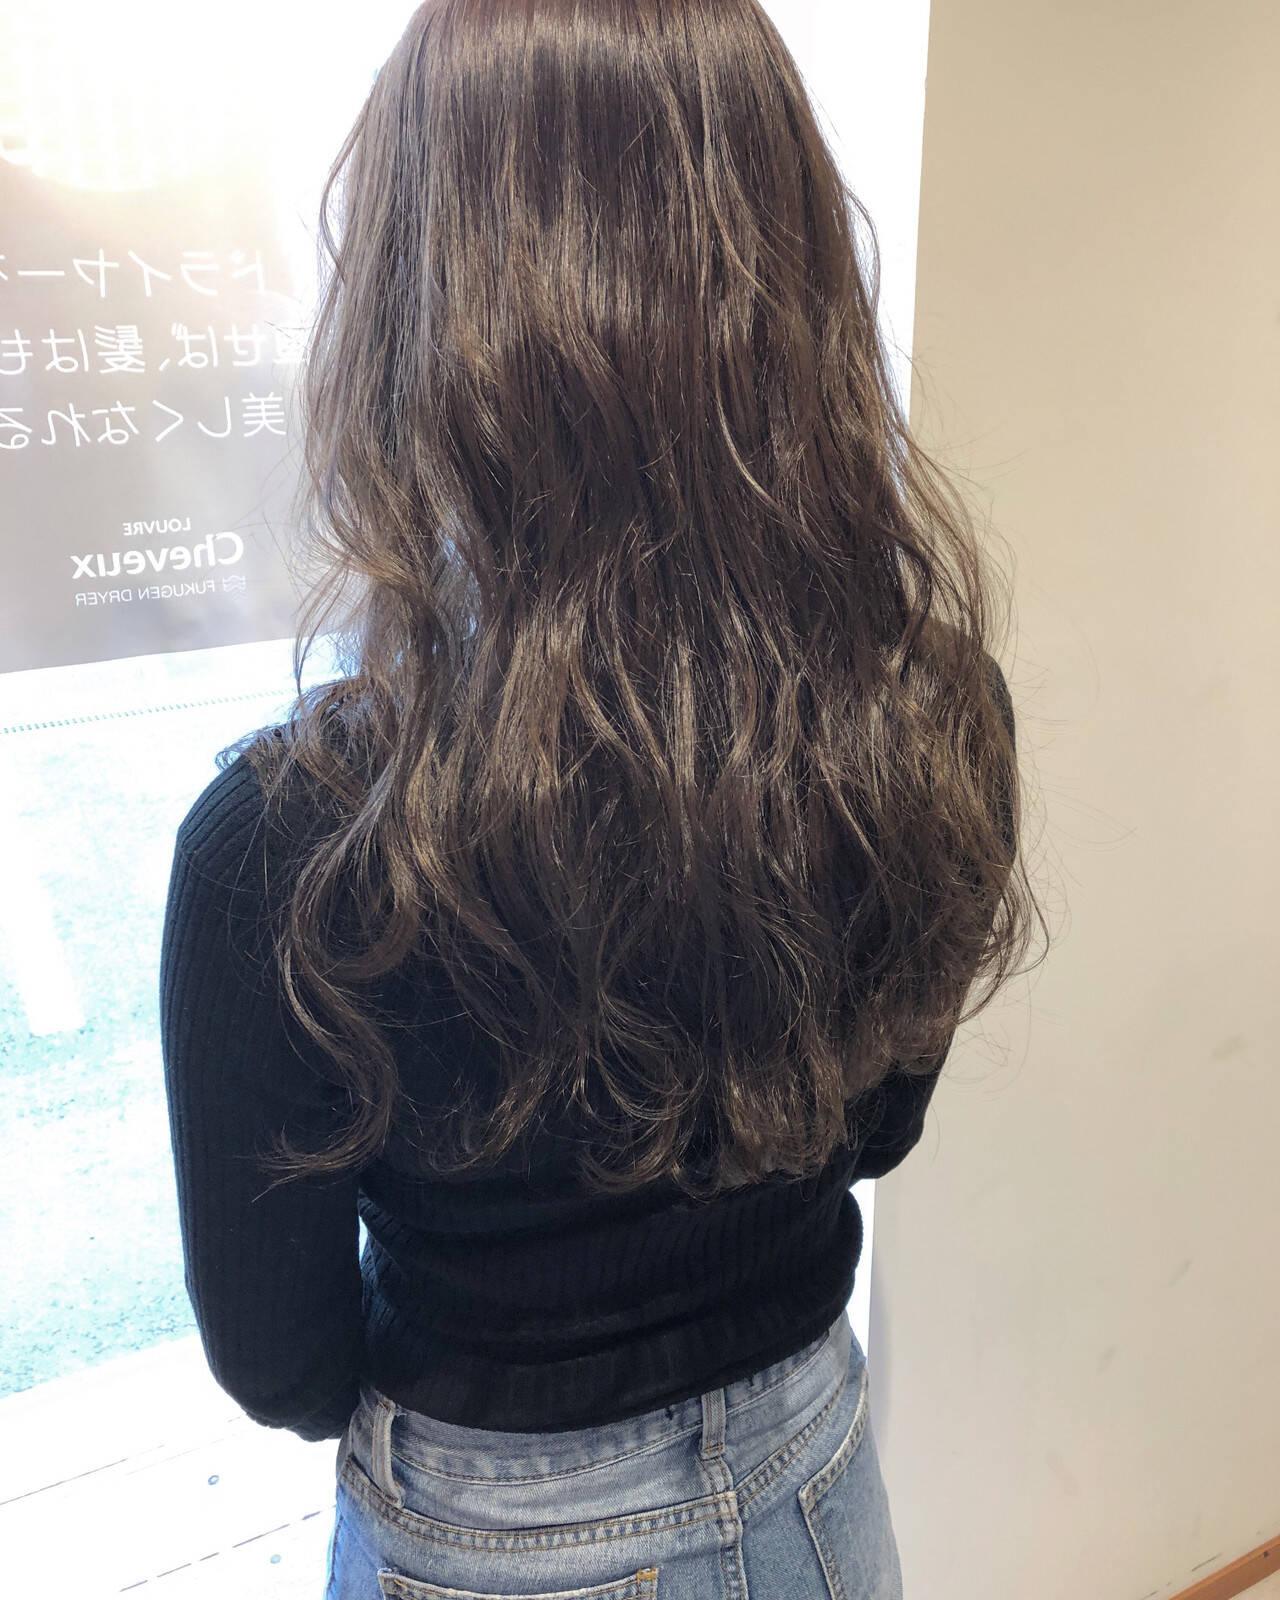 グレージュ エレガント 外国人風カラー ヘアアレンジヘアスタイルや髪型の写真・画像